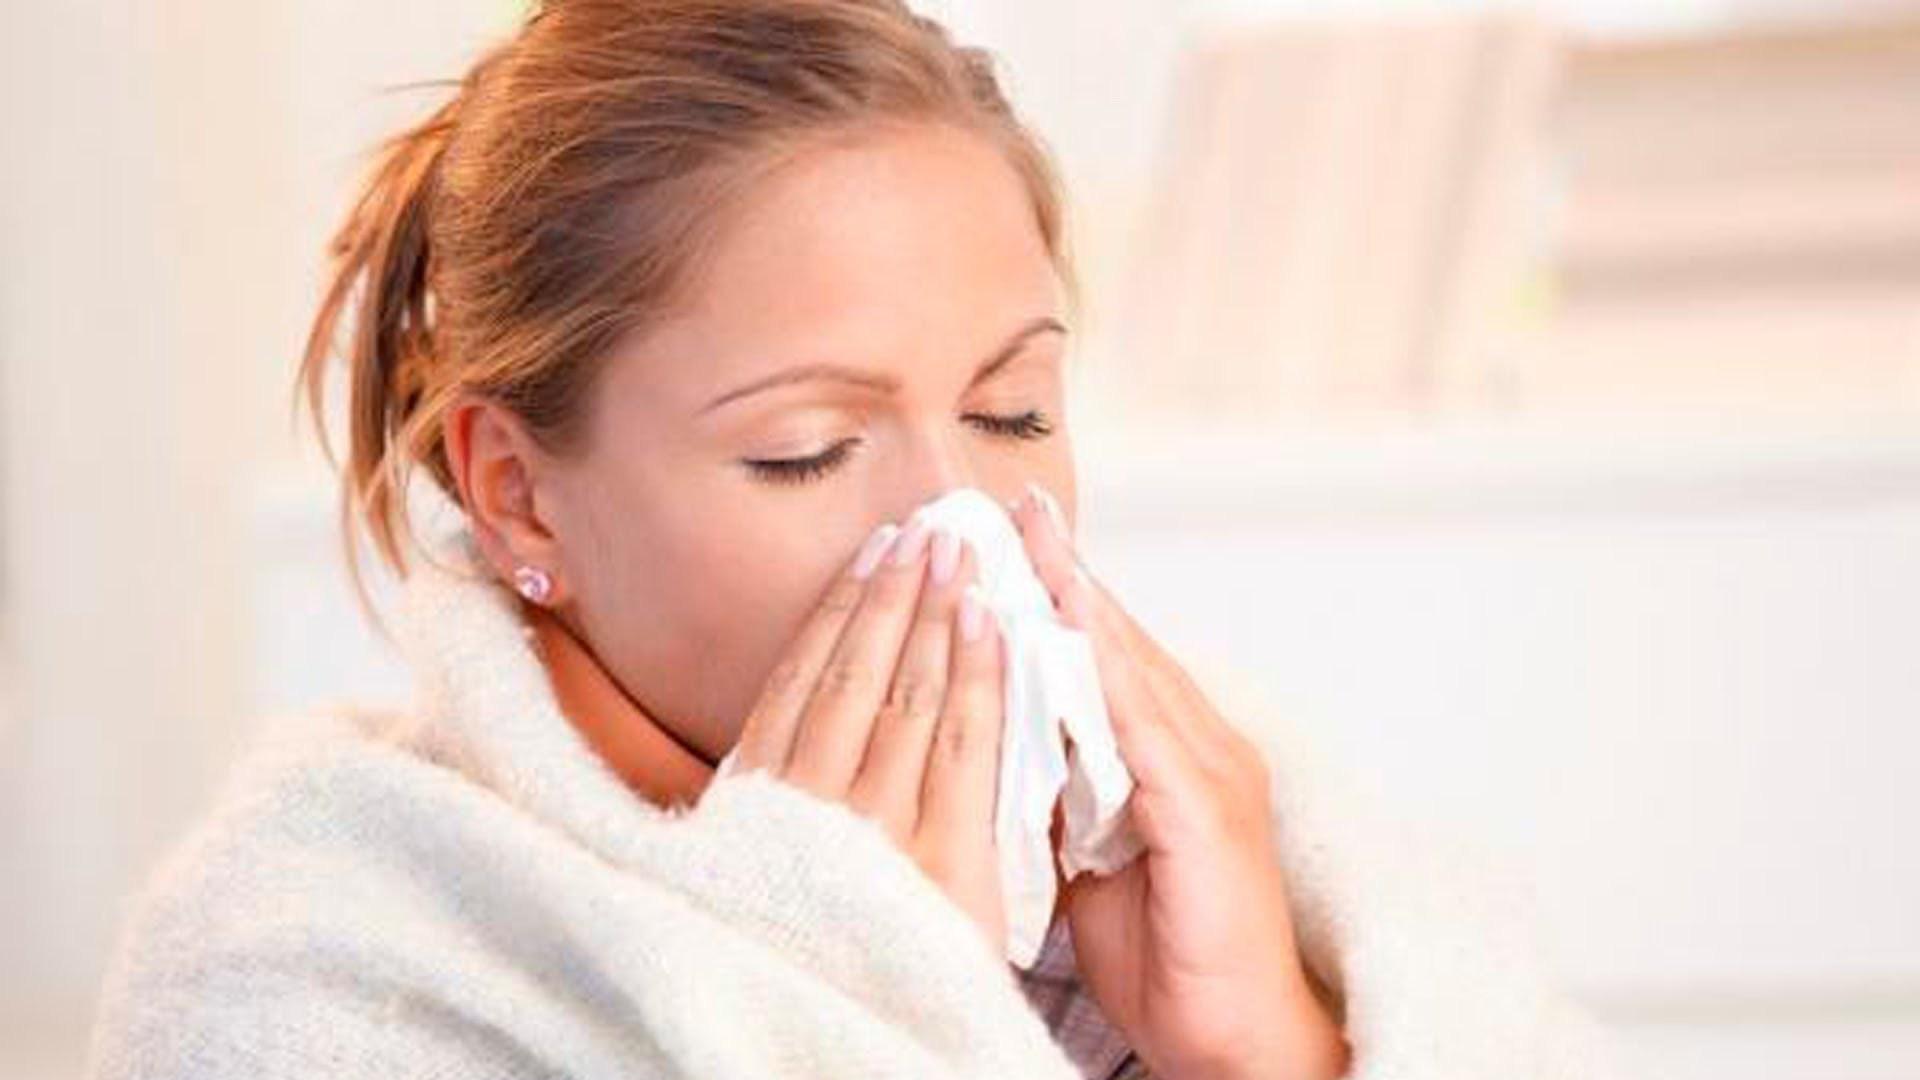 Lengvo peršalimo palydovai – kosėjimas ir čiaudėjimas – pavojingi aplinkiniams